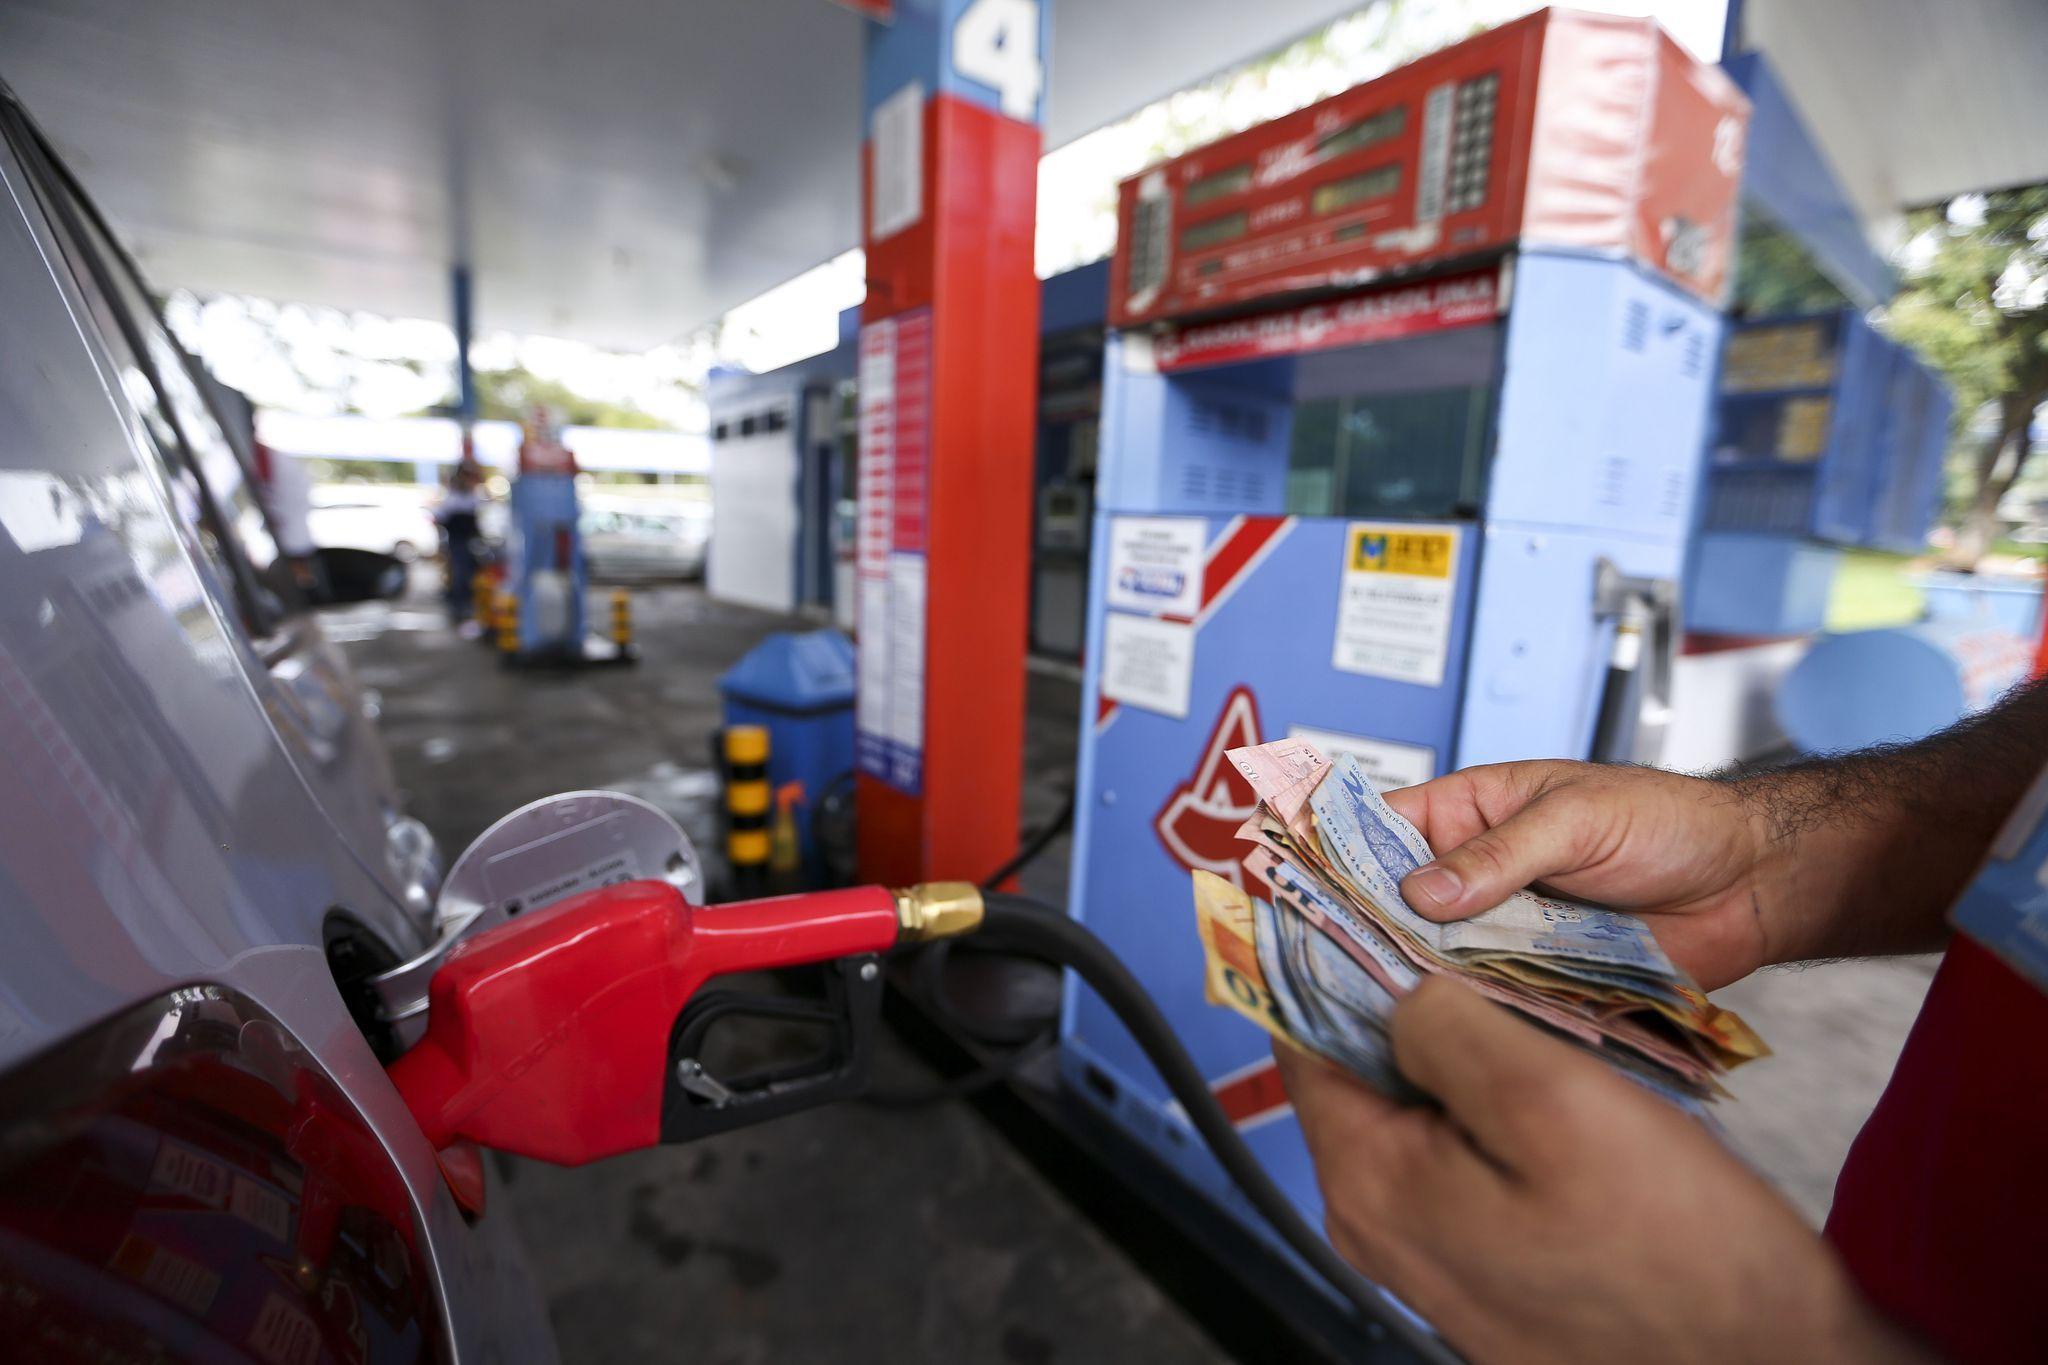 Preço dos combustíveis em Goiânia é alvo de projeto do MP | Foto: Marcelo Camargo / Agência Brasil